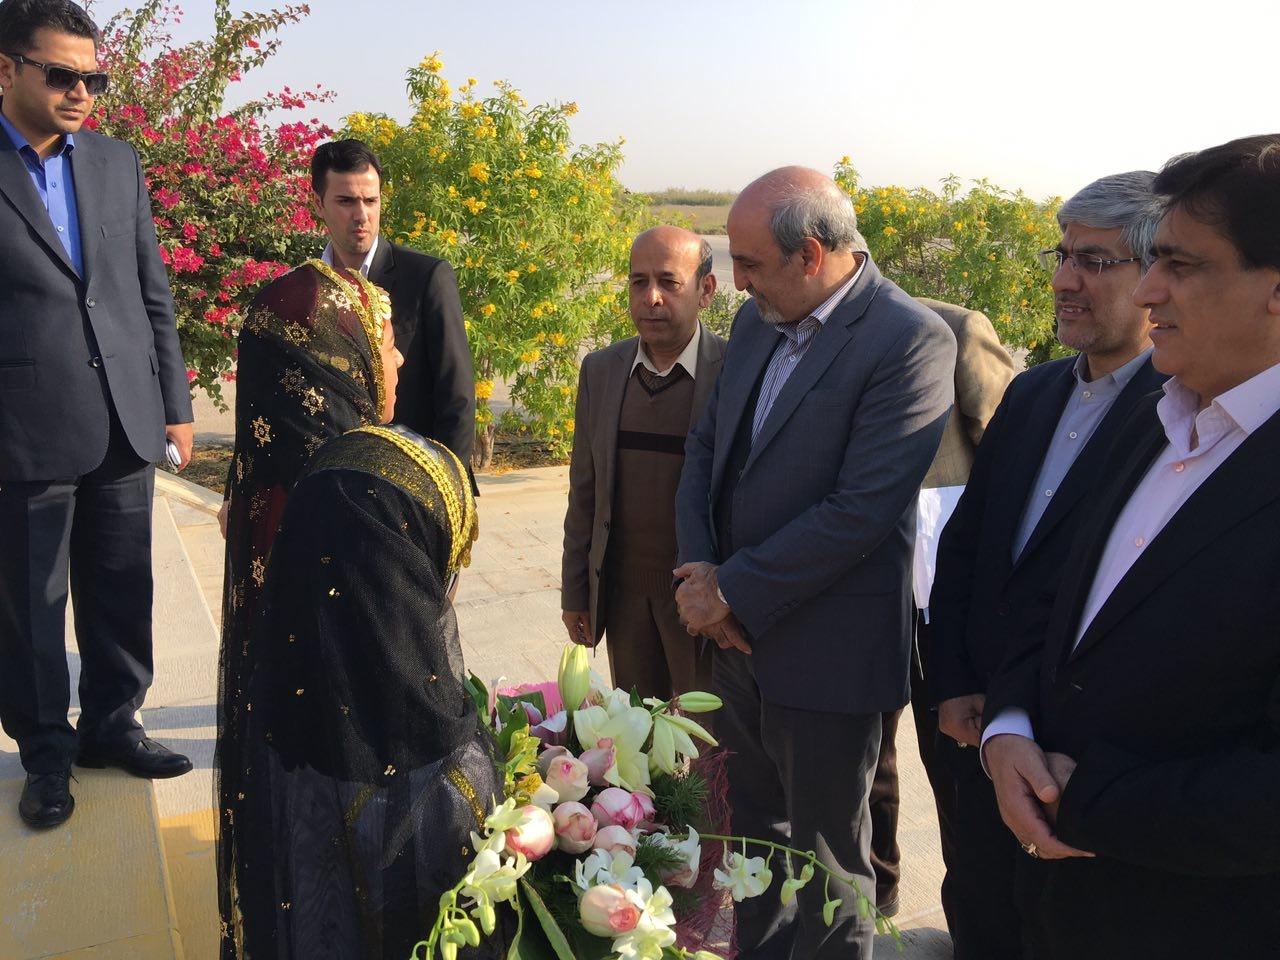 گودرزی و هاشمی در اردوی تیم امید / اتحاد برای صعود